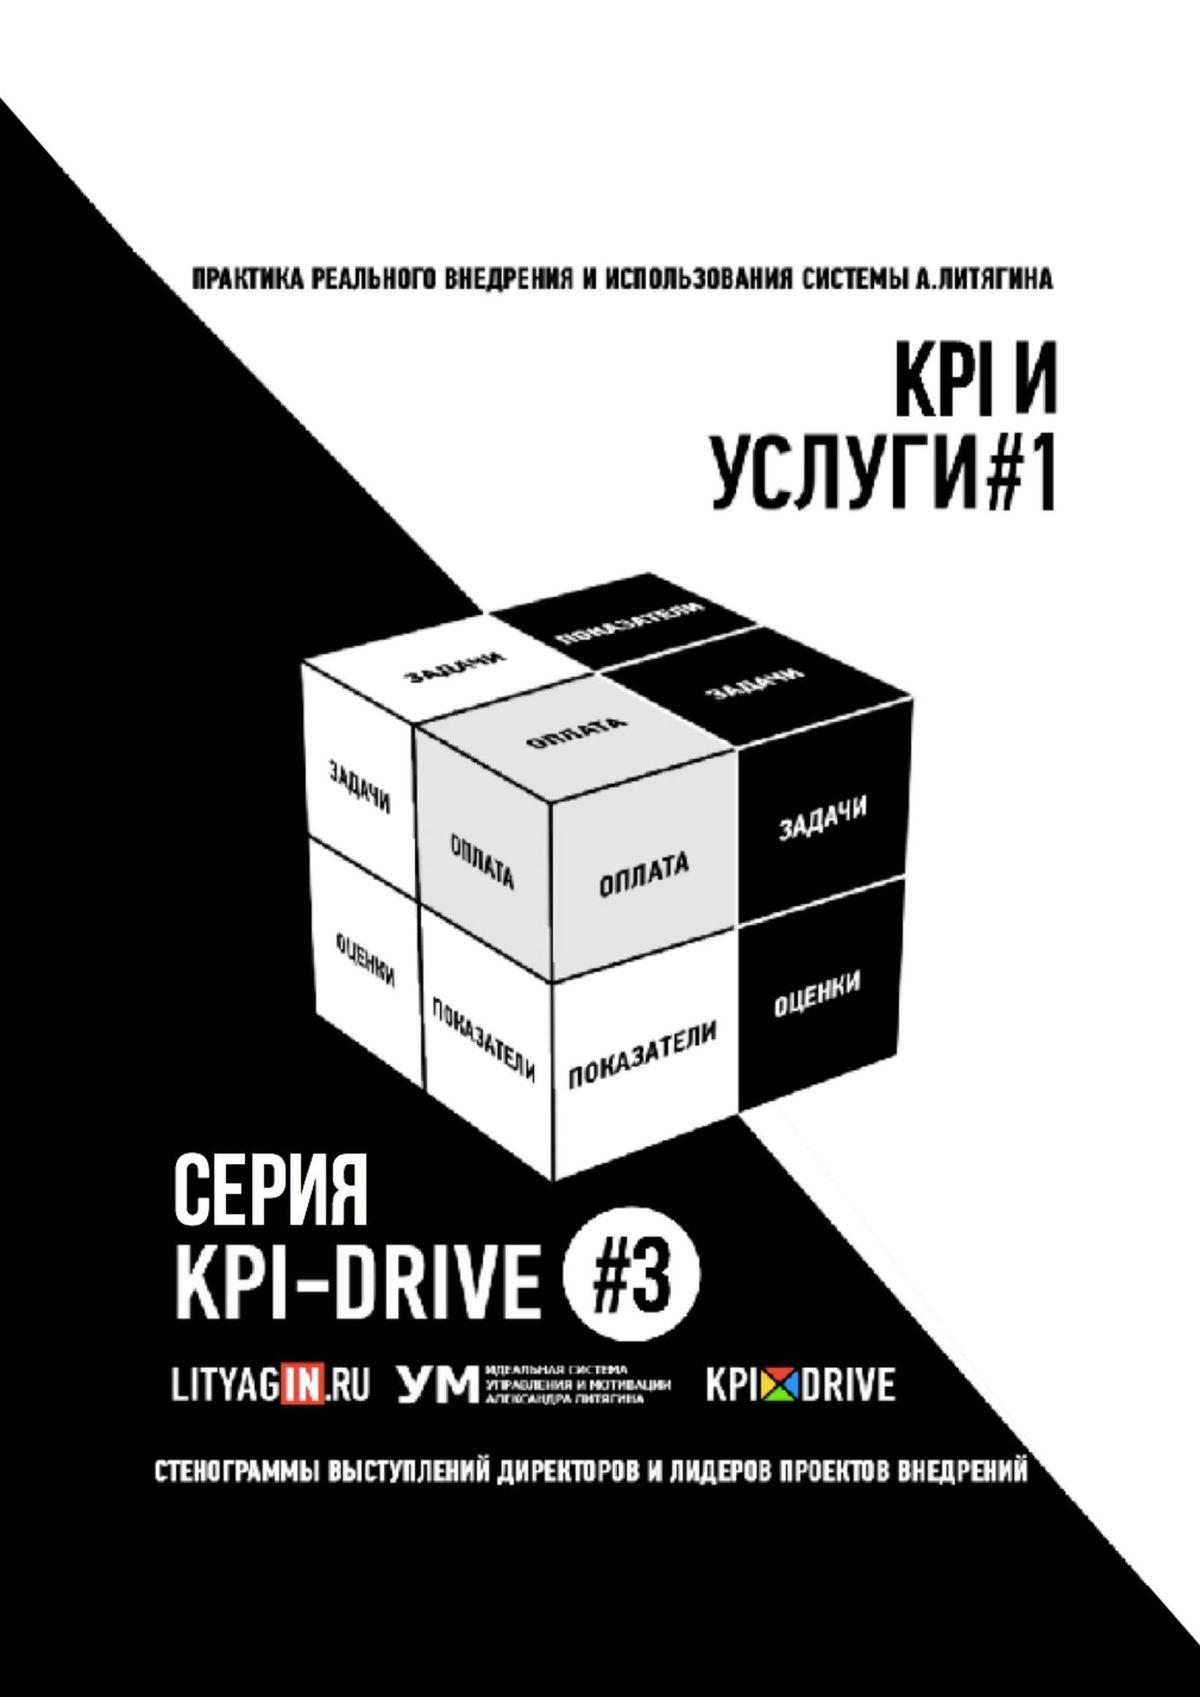 KPI-Drive#3. УСЛУГИ #1